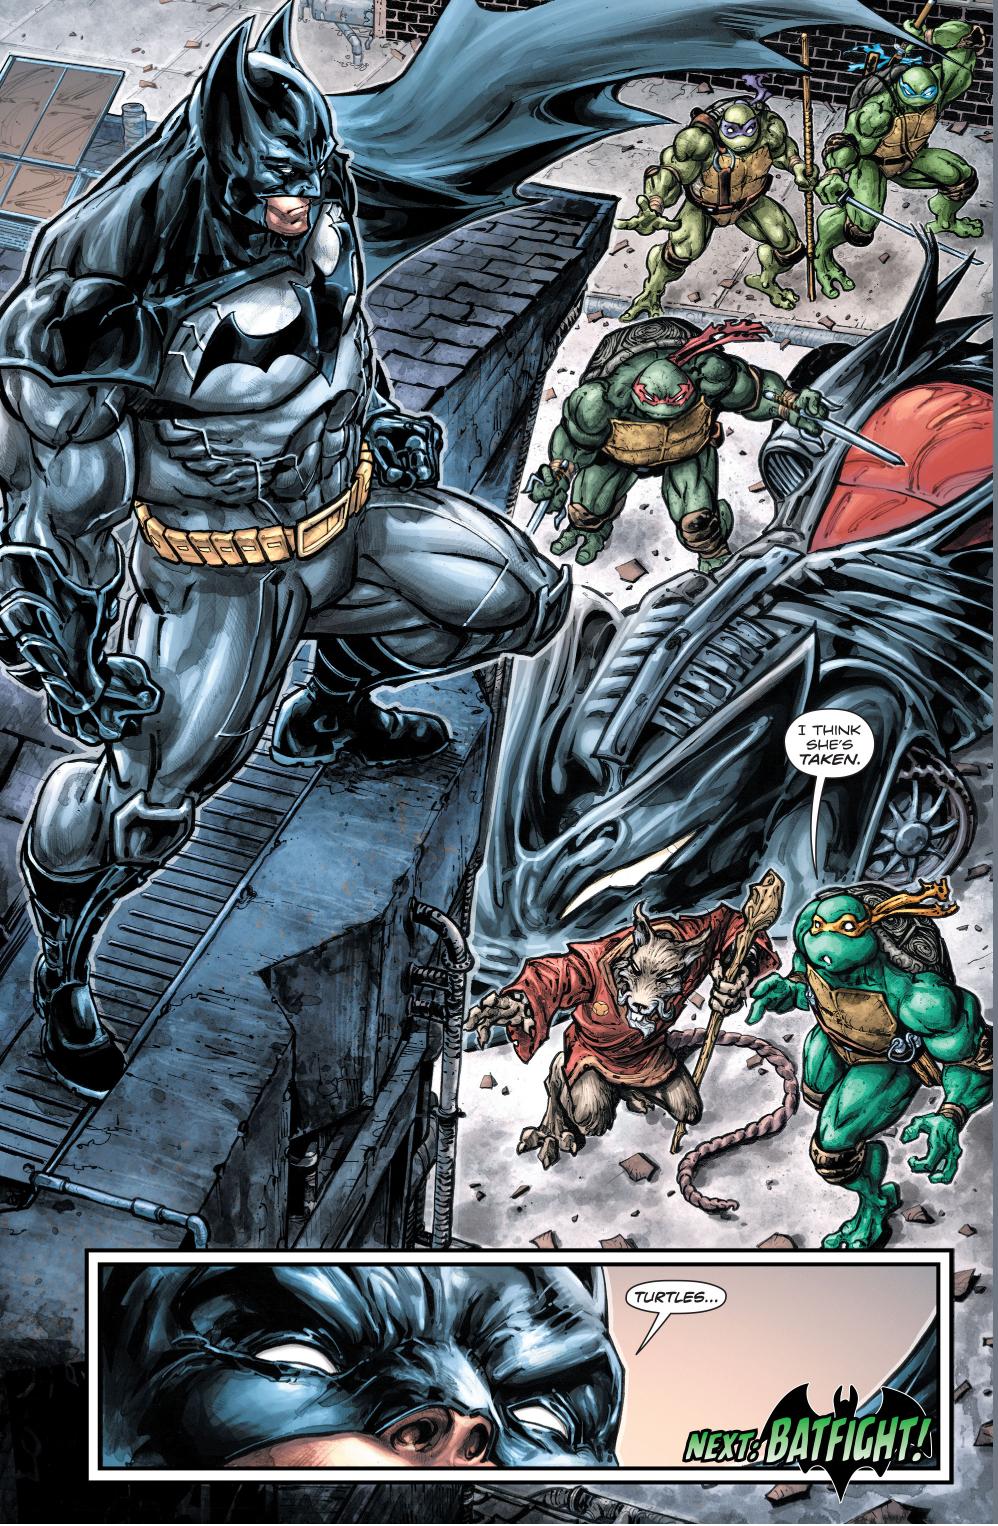 batman meets the teenage mutant ninja turtles